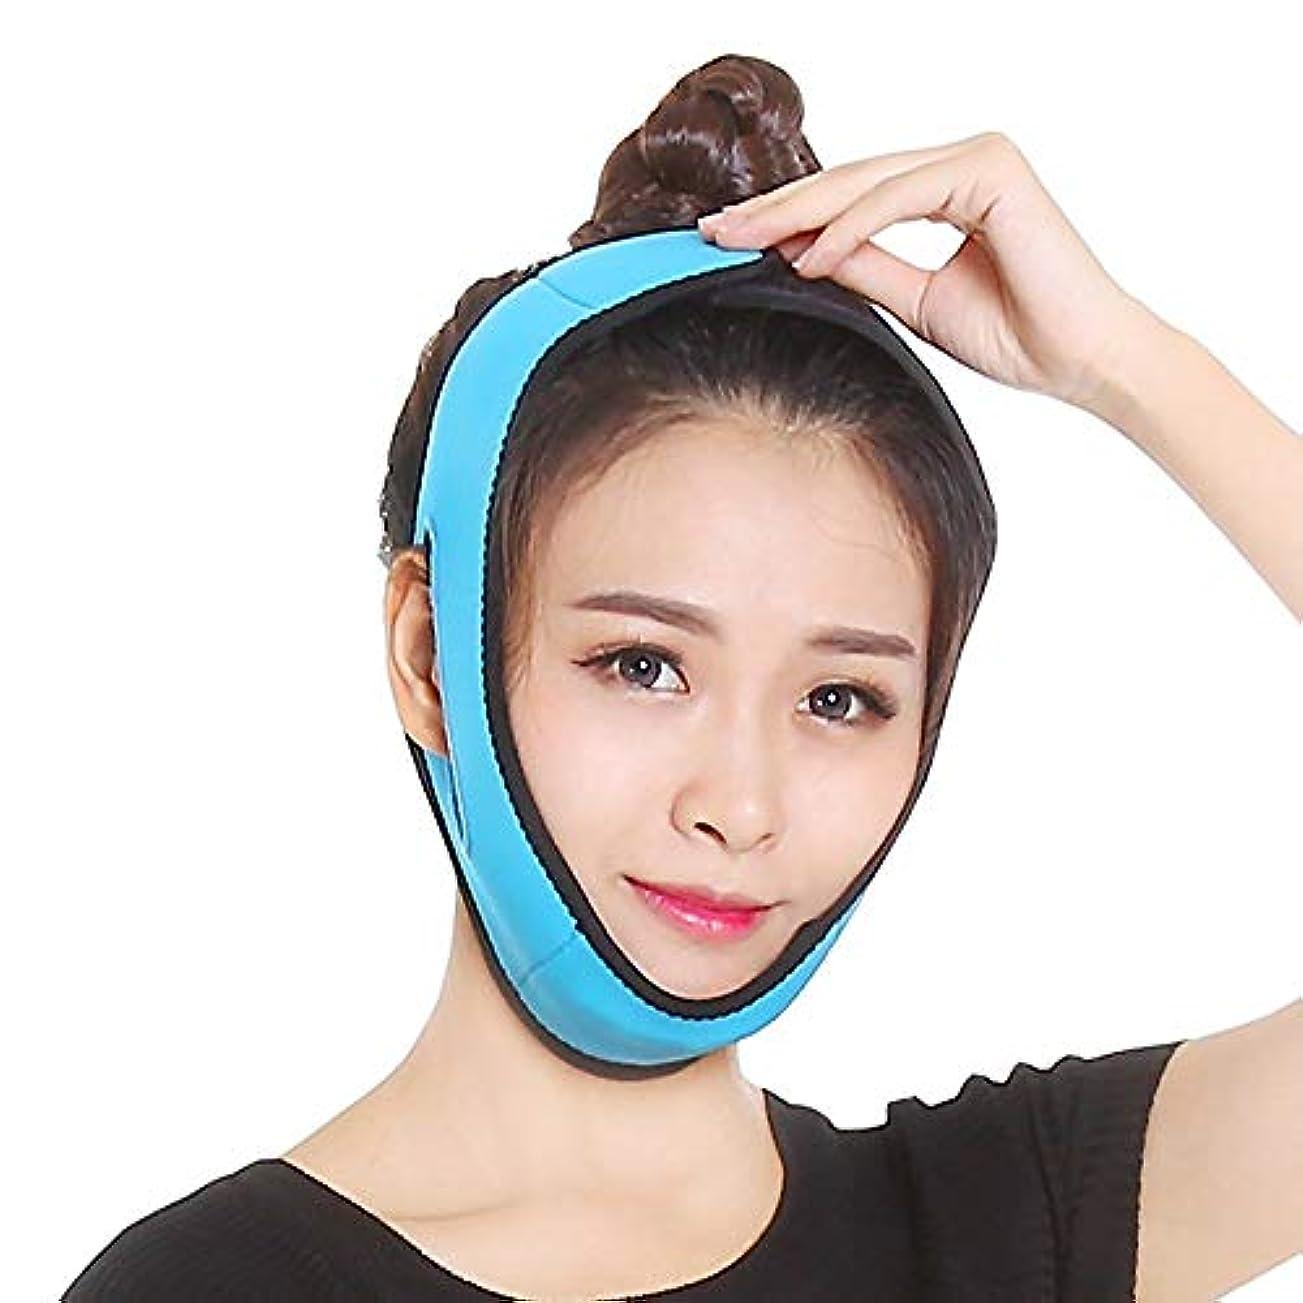 性差別真面目な名門Jia Jia- フェイシャルリフティングスリミングベルト - 薄いフェイス包帯二重あごデバイス無料フェイシャルマッサージ整形マスクを引き締める顔と首の顔スリム 顔面包帯